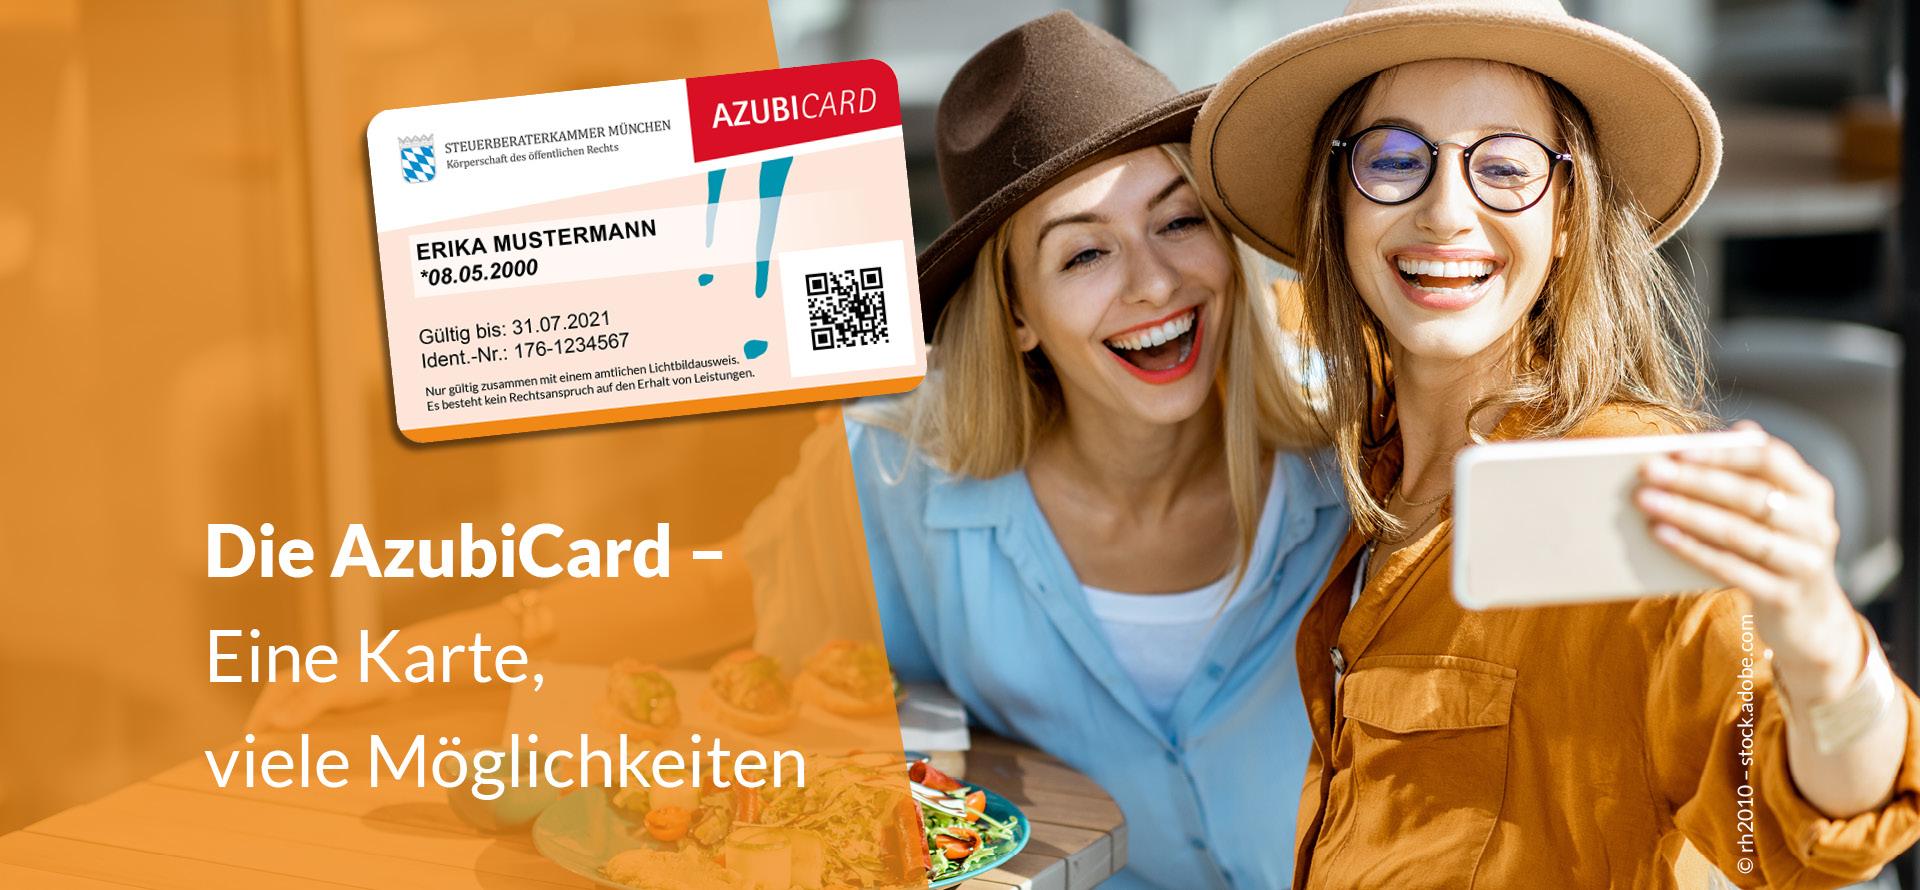 """Foto: Weißer Schriftzug """"Die AzubiCard - Eine Karte, viele Möglichkeiten"""" auf orangenem Hintergrund. Ein Musterbild einer AzubiCard. Bild: Zwei Freundinnen beim Brunchen / Essen machen ein Selfie."""